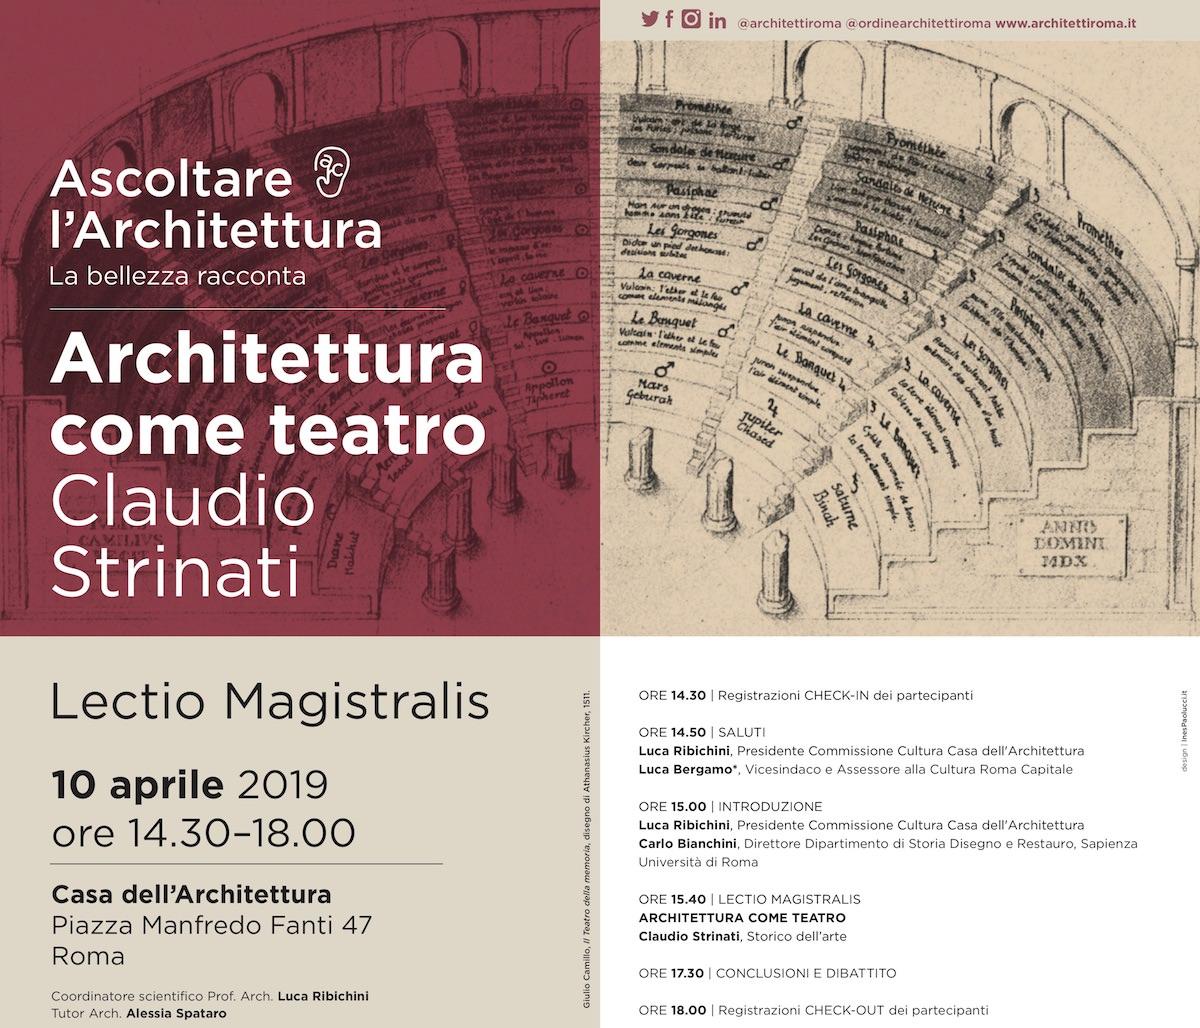 Architettura come teatro